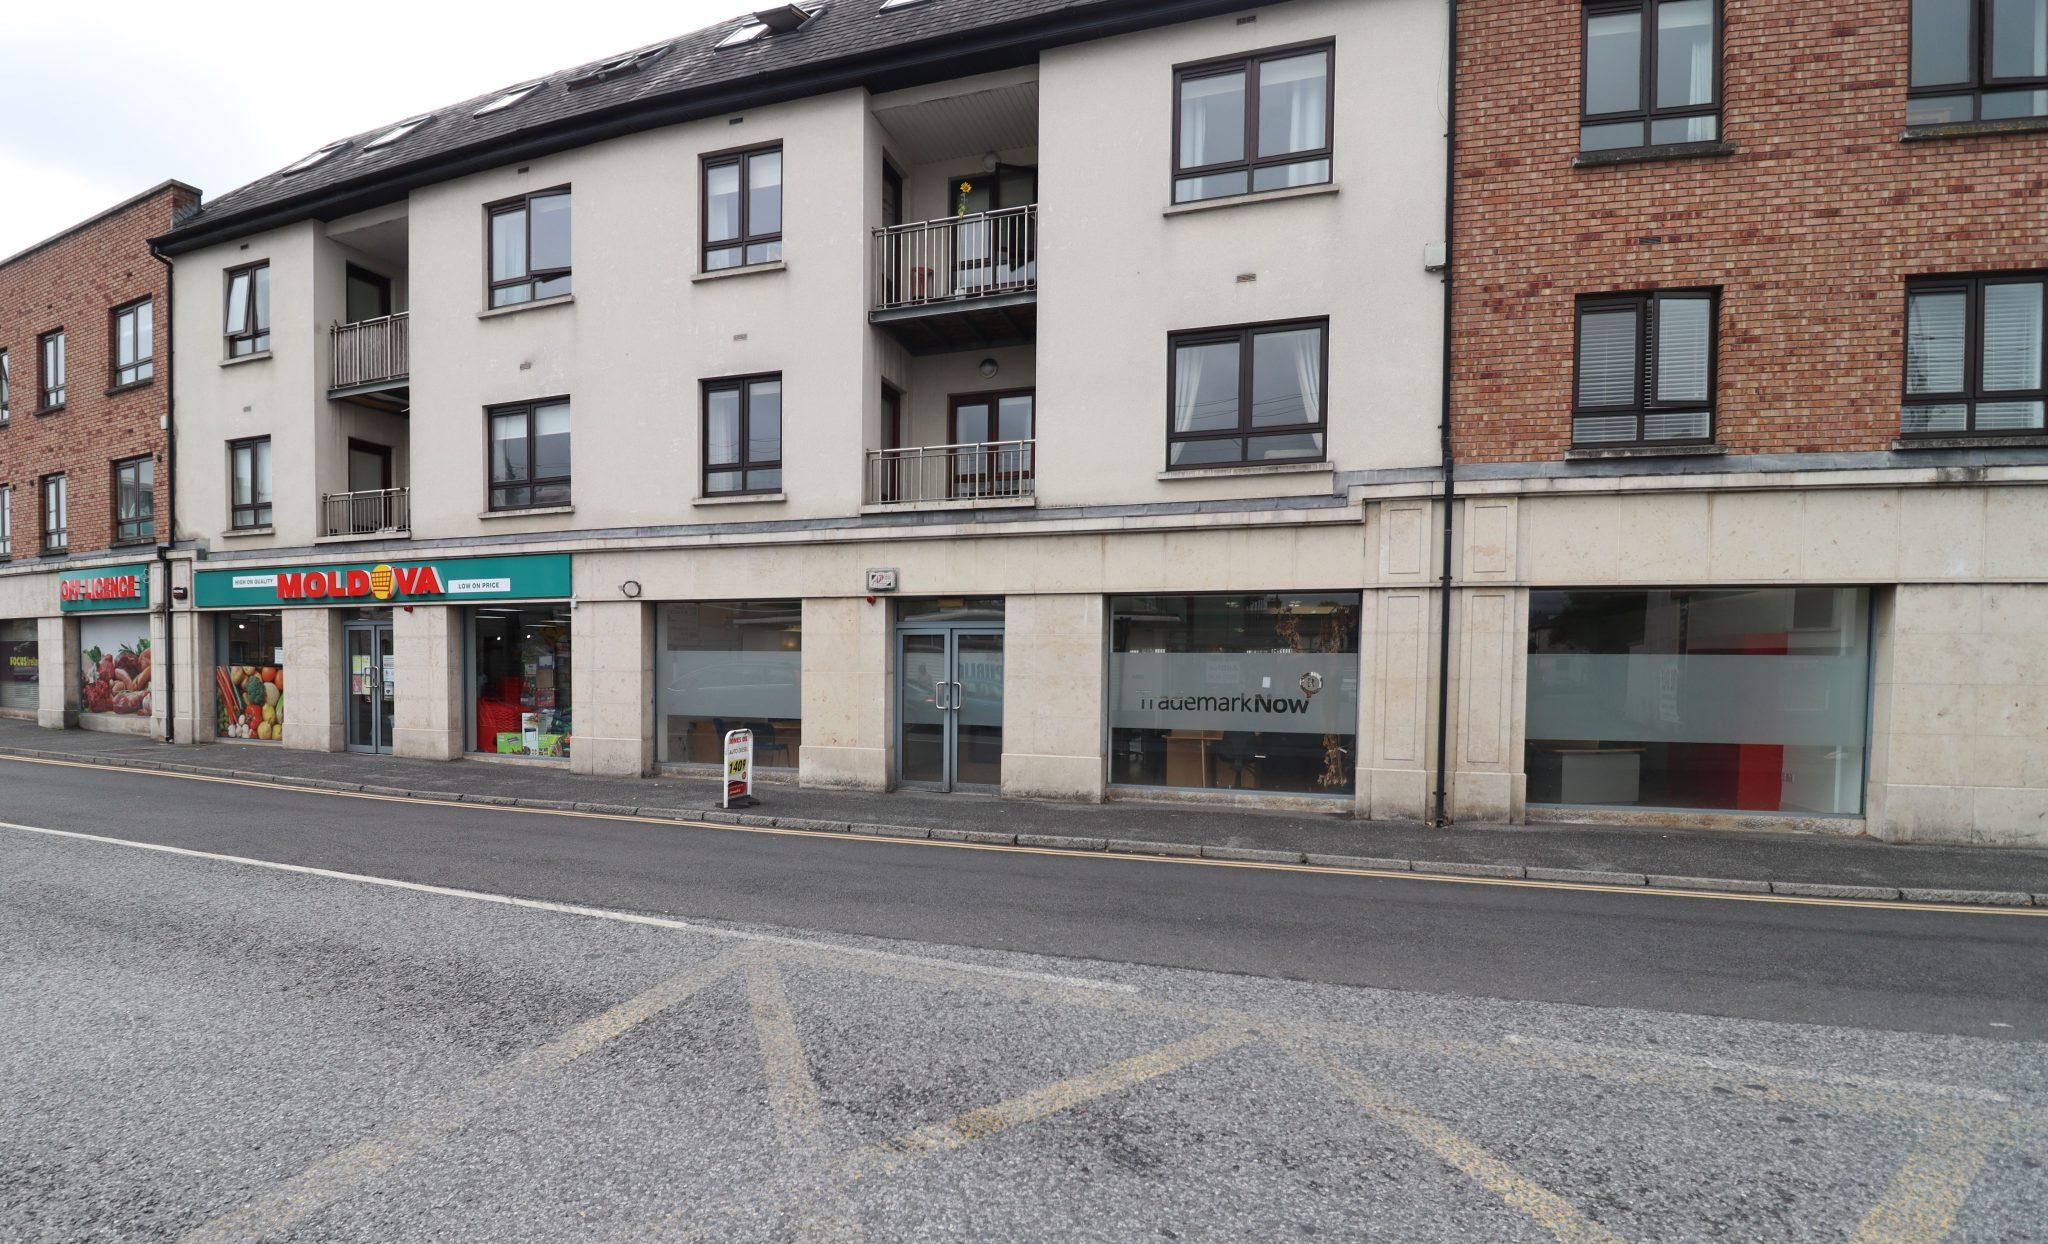 Unit 4 Johns Gate, Castlecomer Road, Kilkenny, Co. Kilkenny